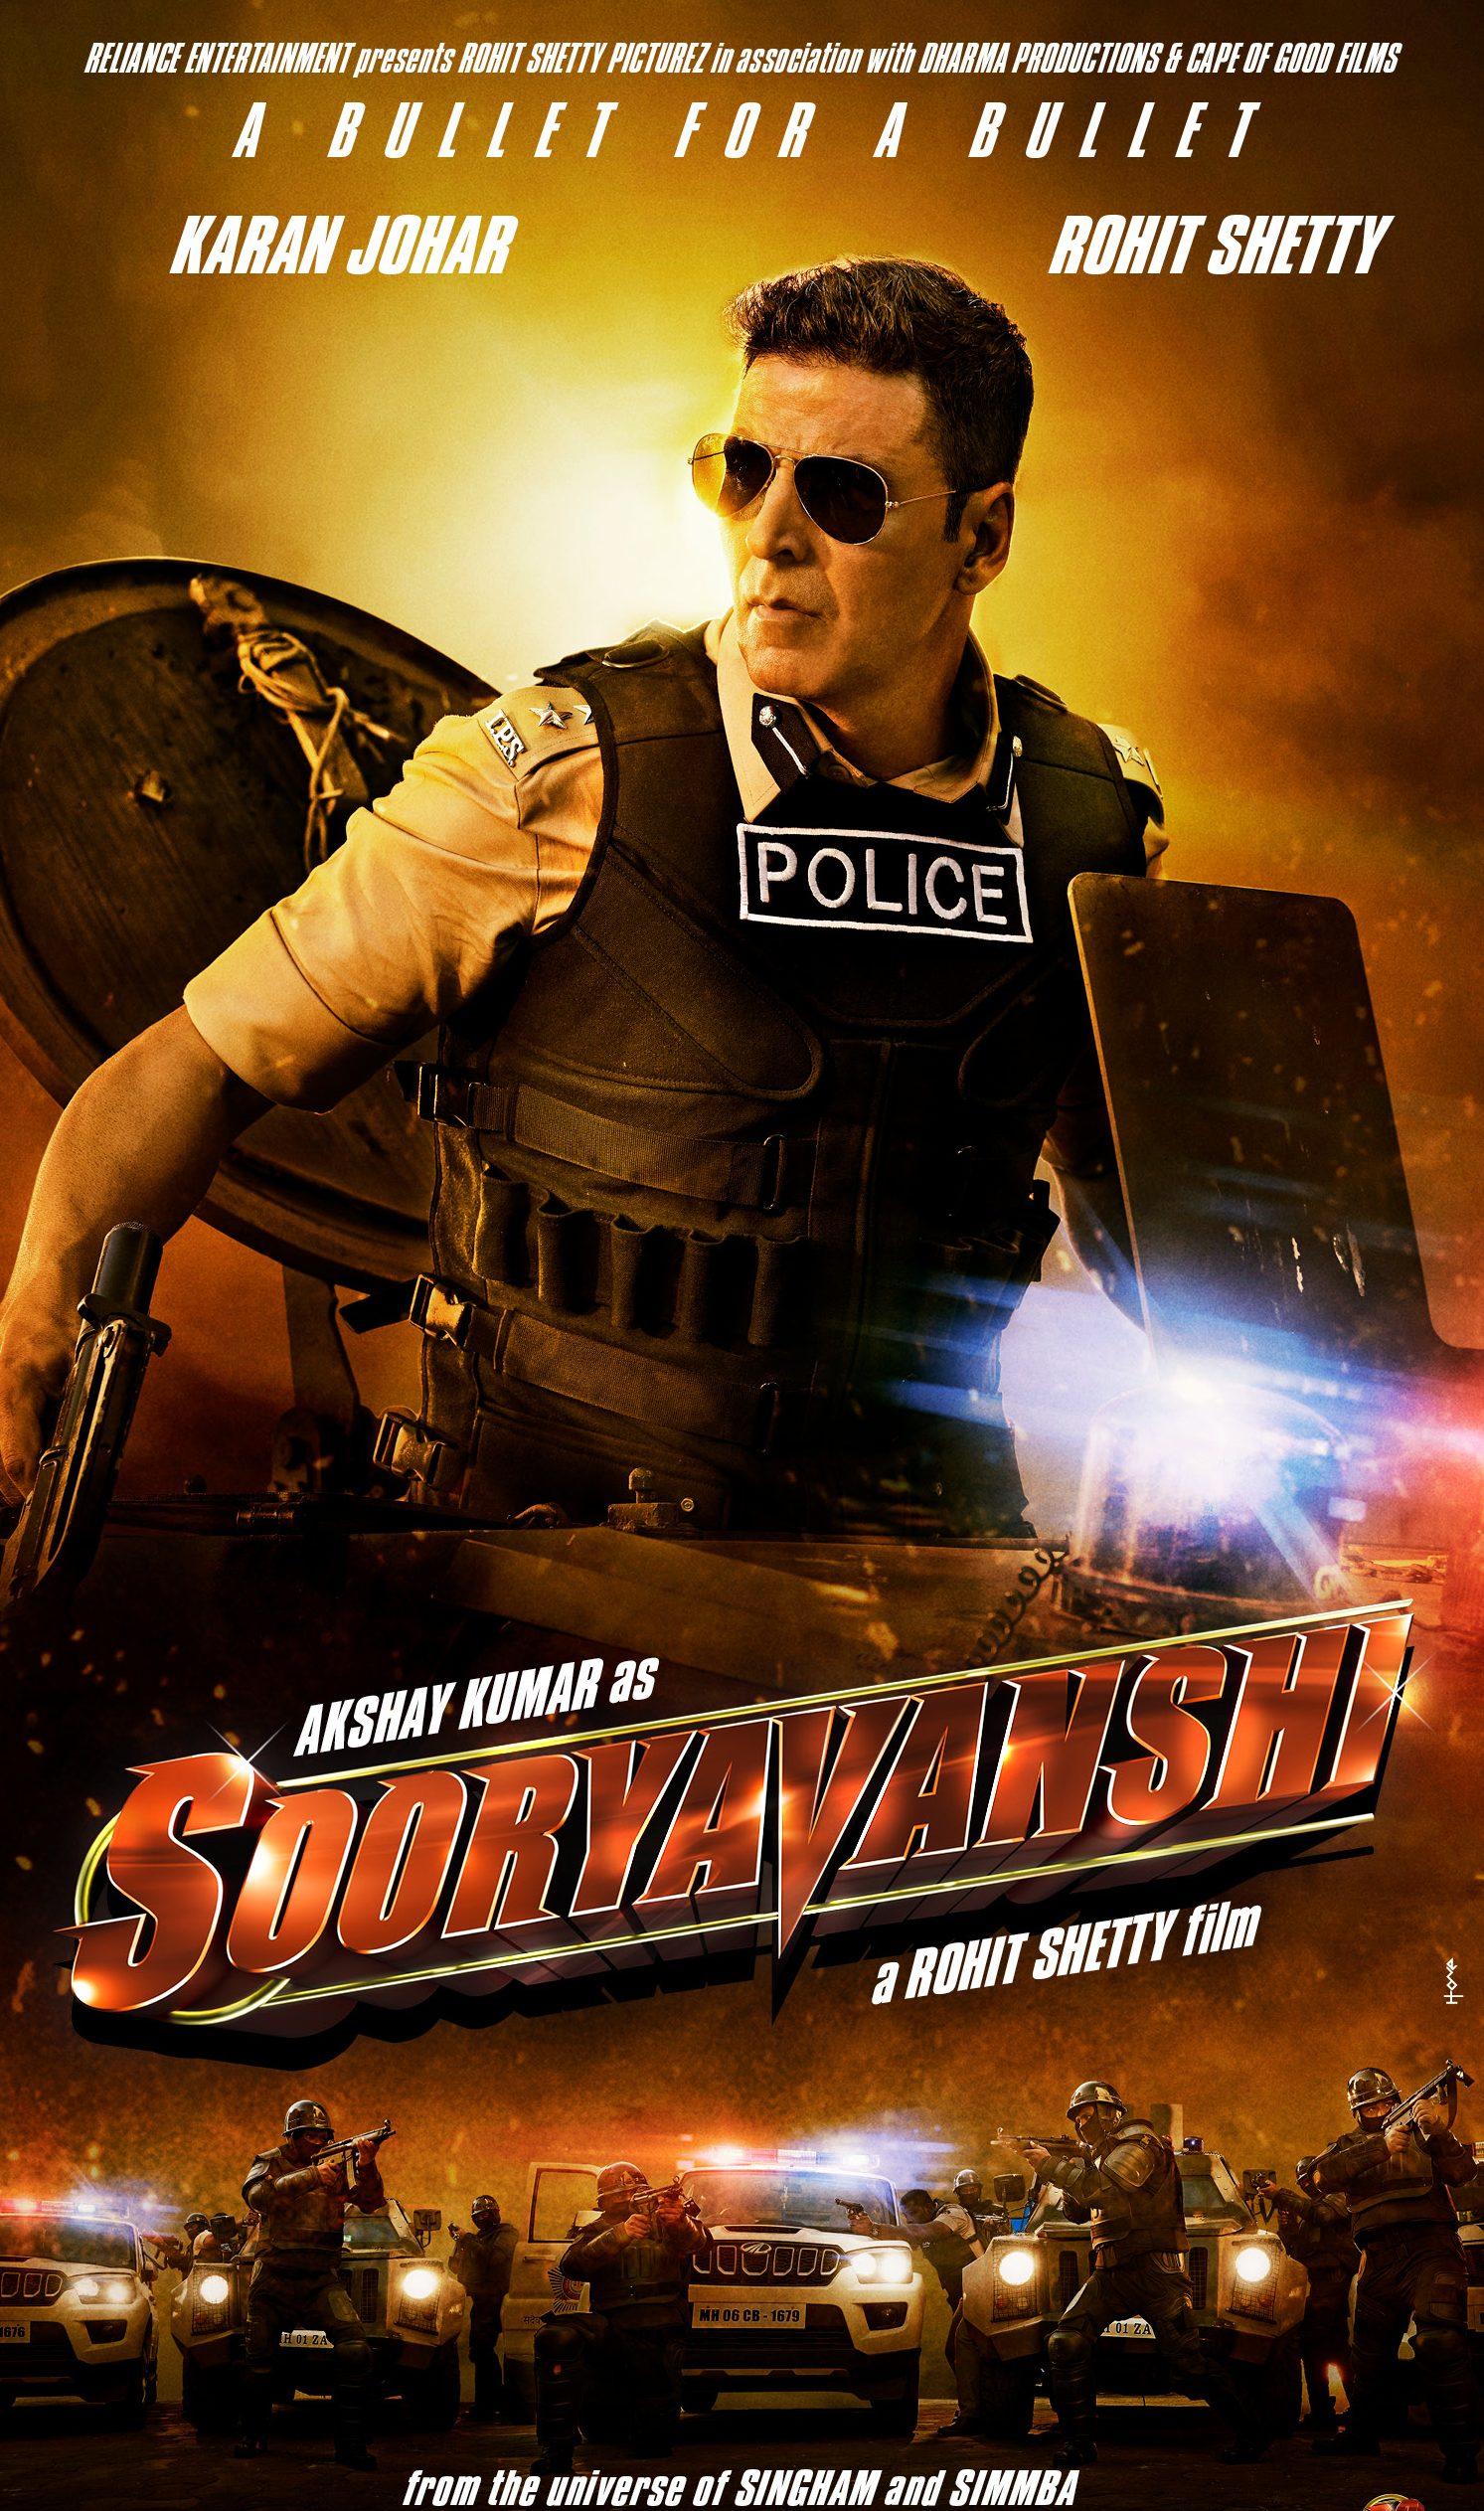 sooryavanshi release date changed